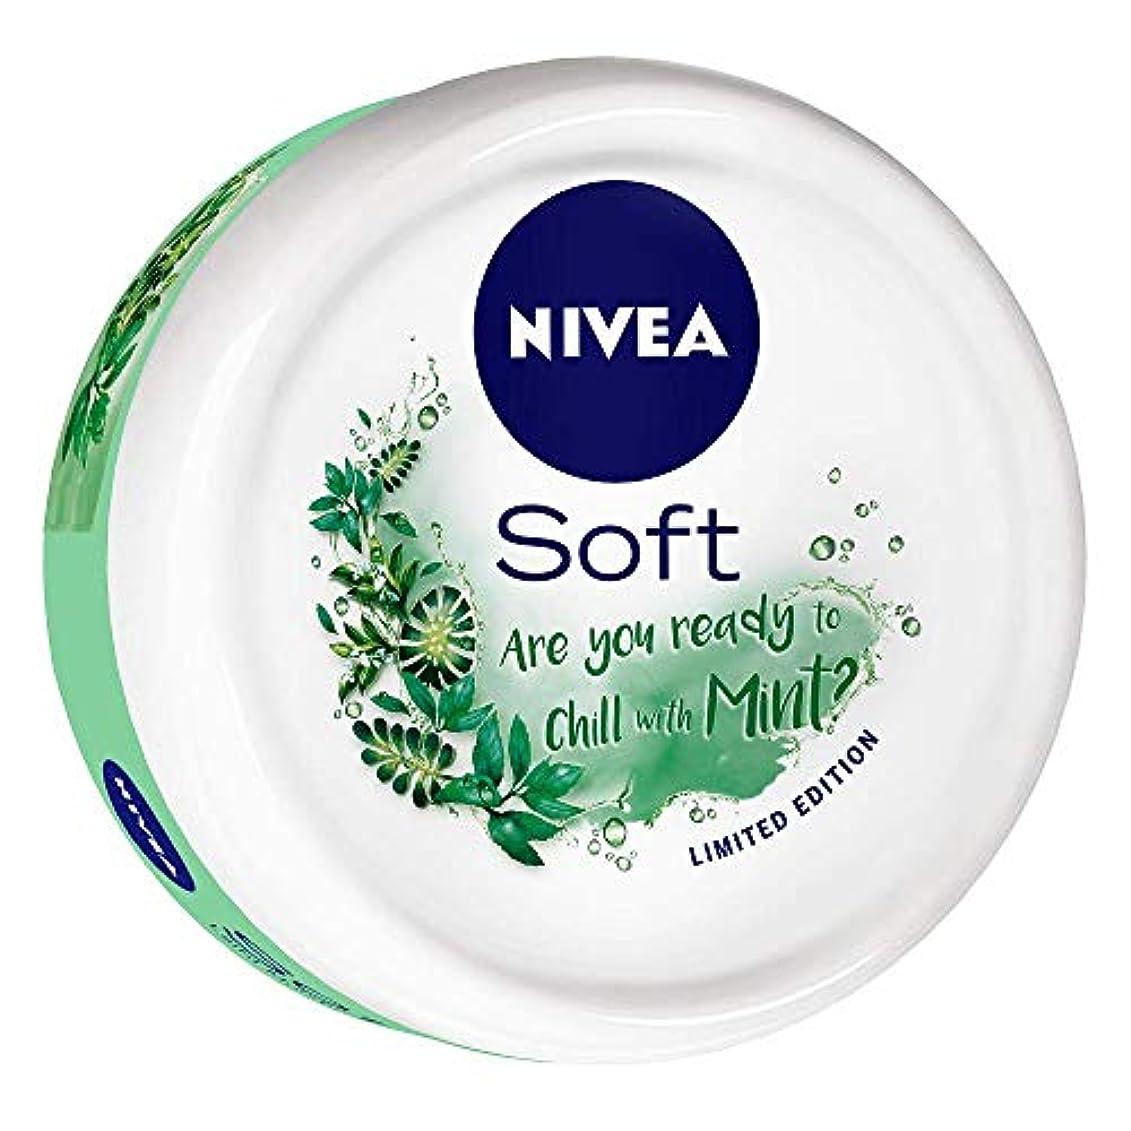 読む大聖堂熟読するNIVEA Soft Light Moisturizer Chilled Mint With Vitamin E & Jojoba Oil, 200 ml